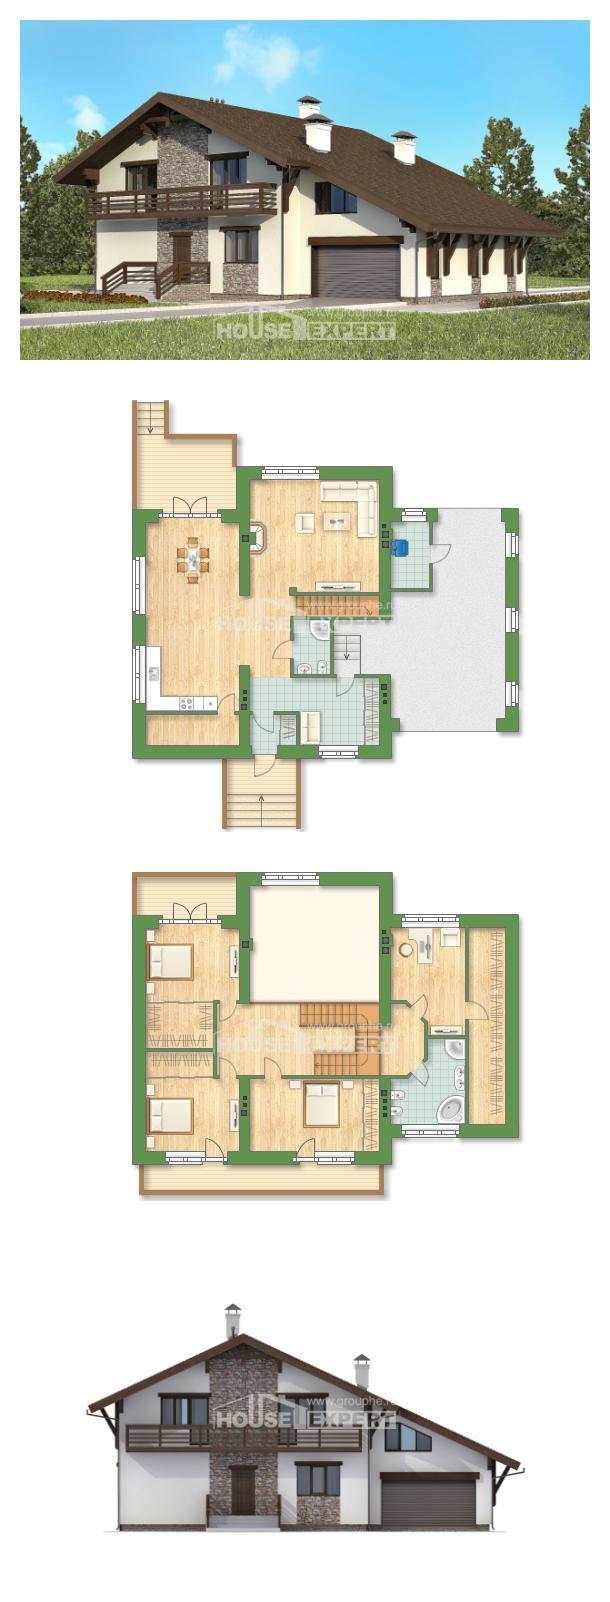 Проект дома 280-001-П   House Expert